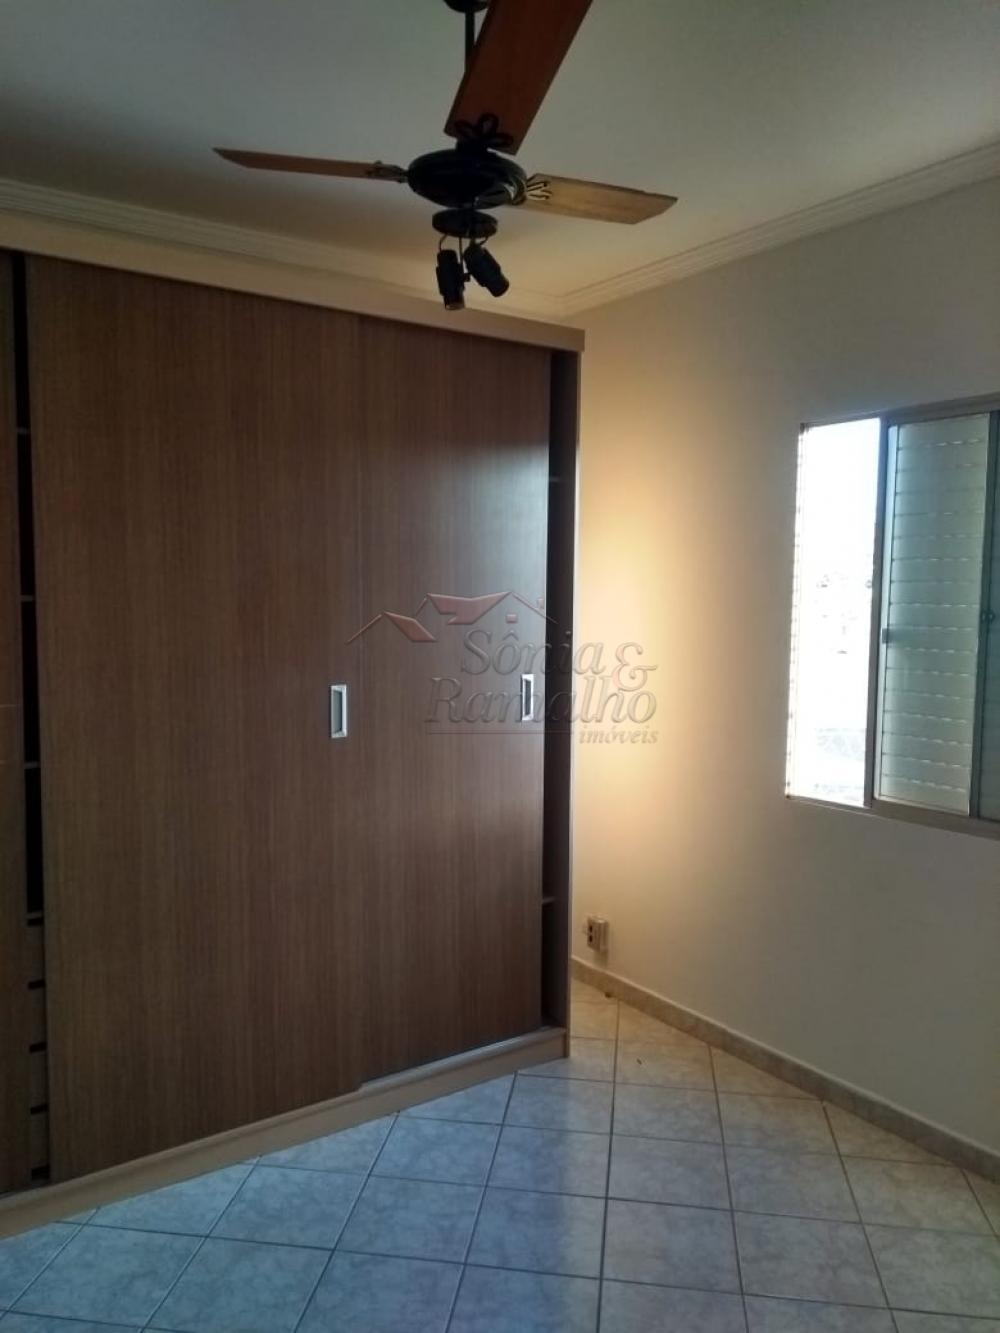 Alugar Apartamentos / Padrão em Ribeirão Preto apenas R$ 800,00 - Foto 2